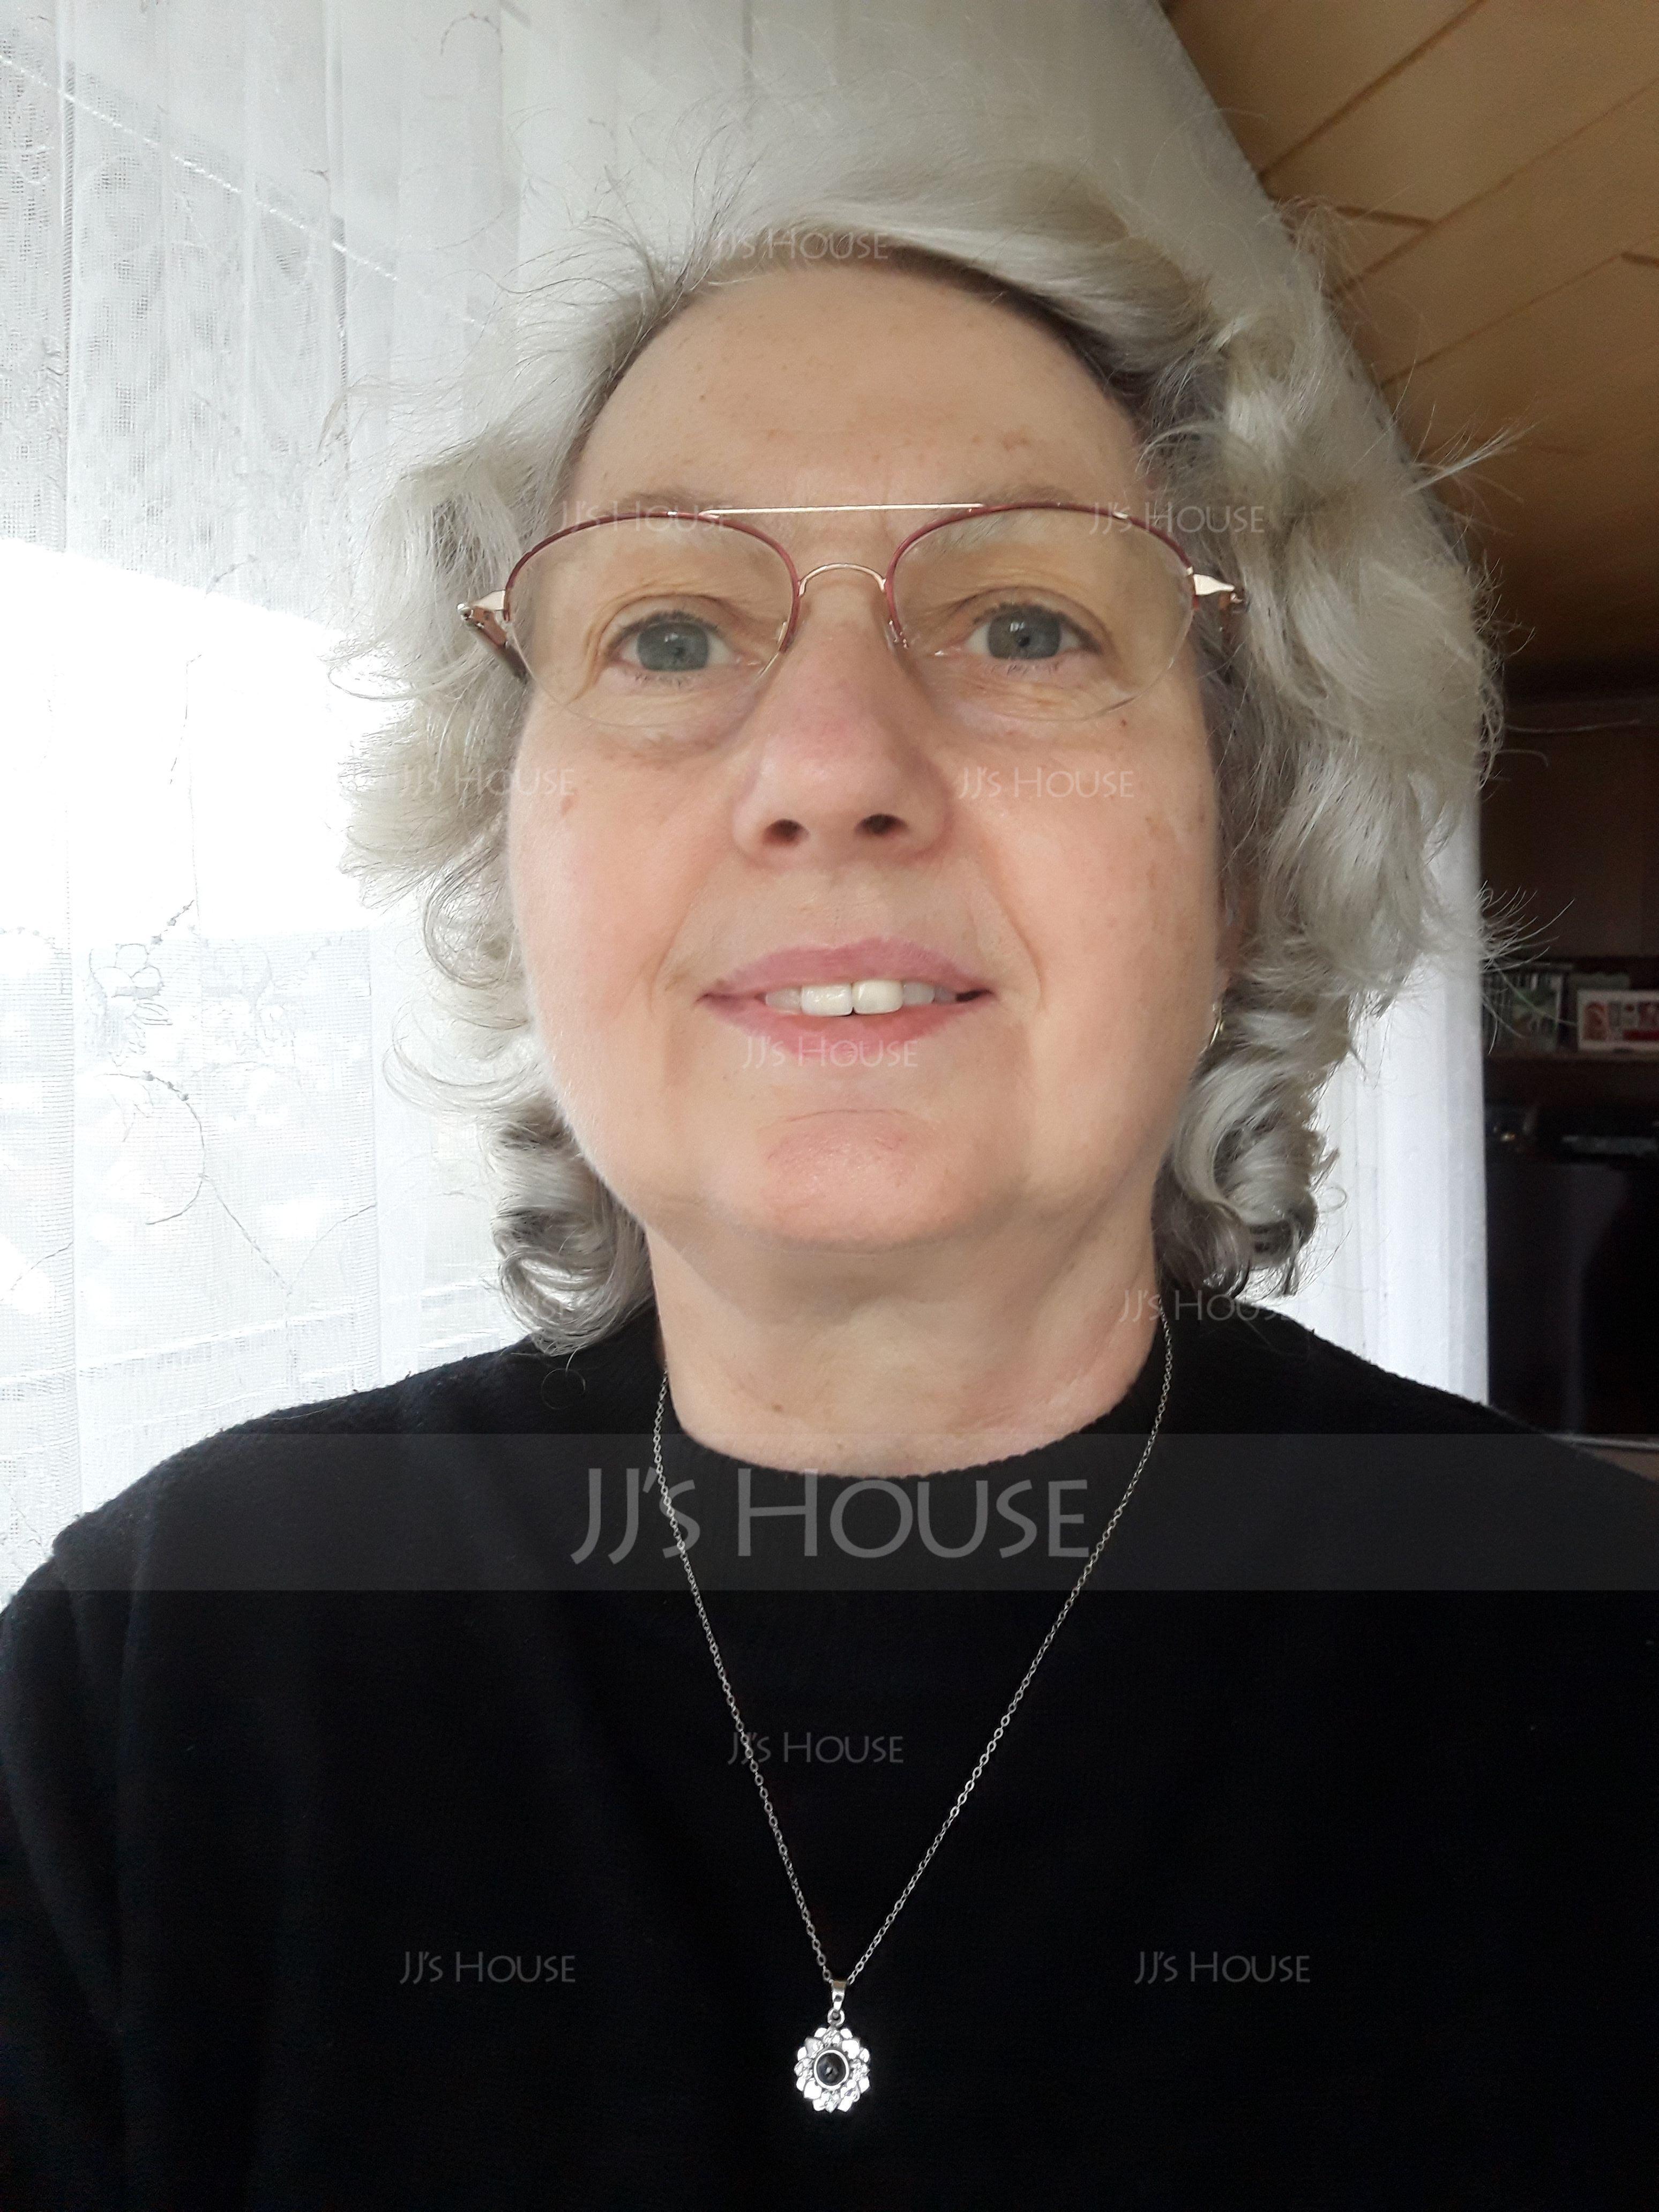 Personalizzata Argento Cerchio Proiezione Collana Fotografica con Quattro Cuoricini - Regali Per La Festa Della Mamma